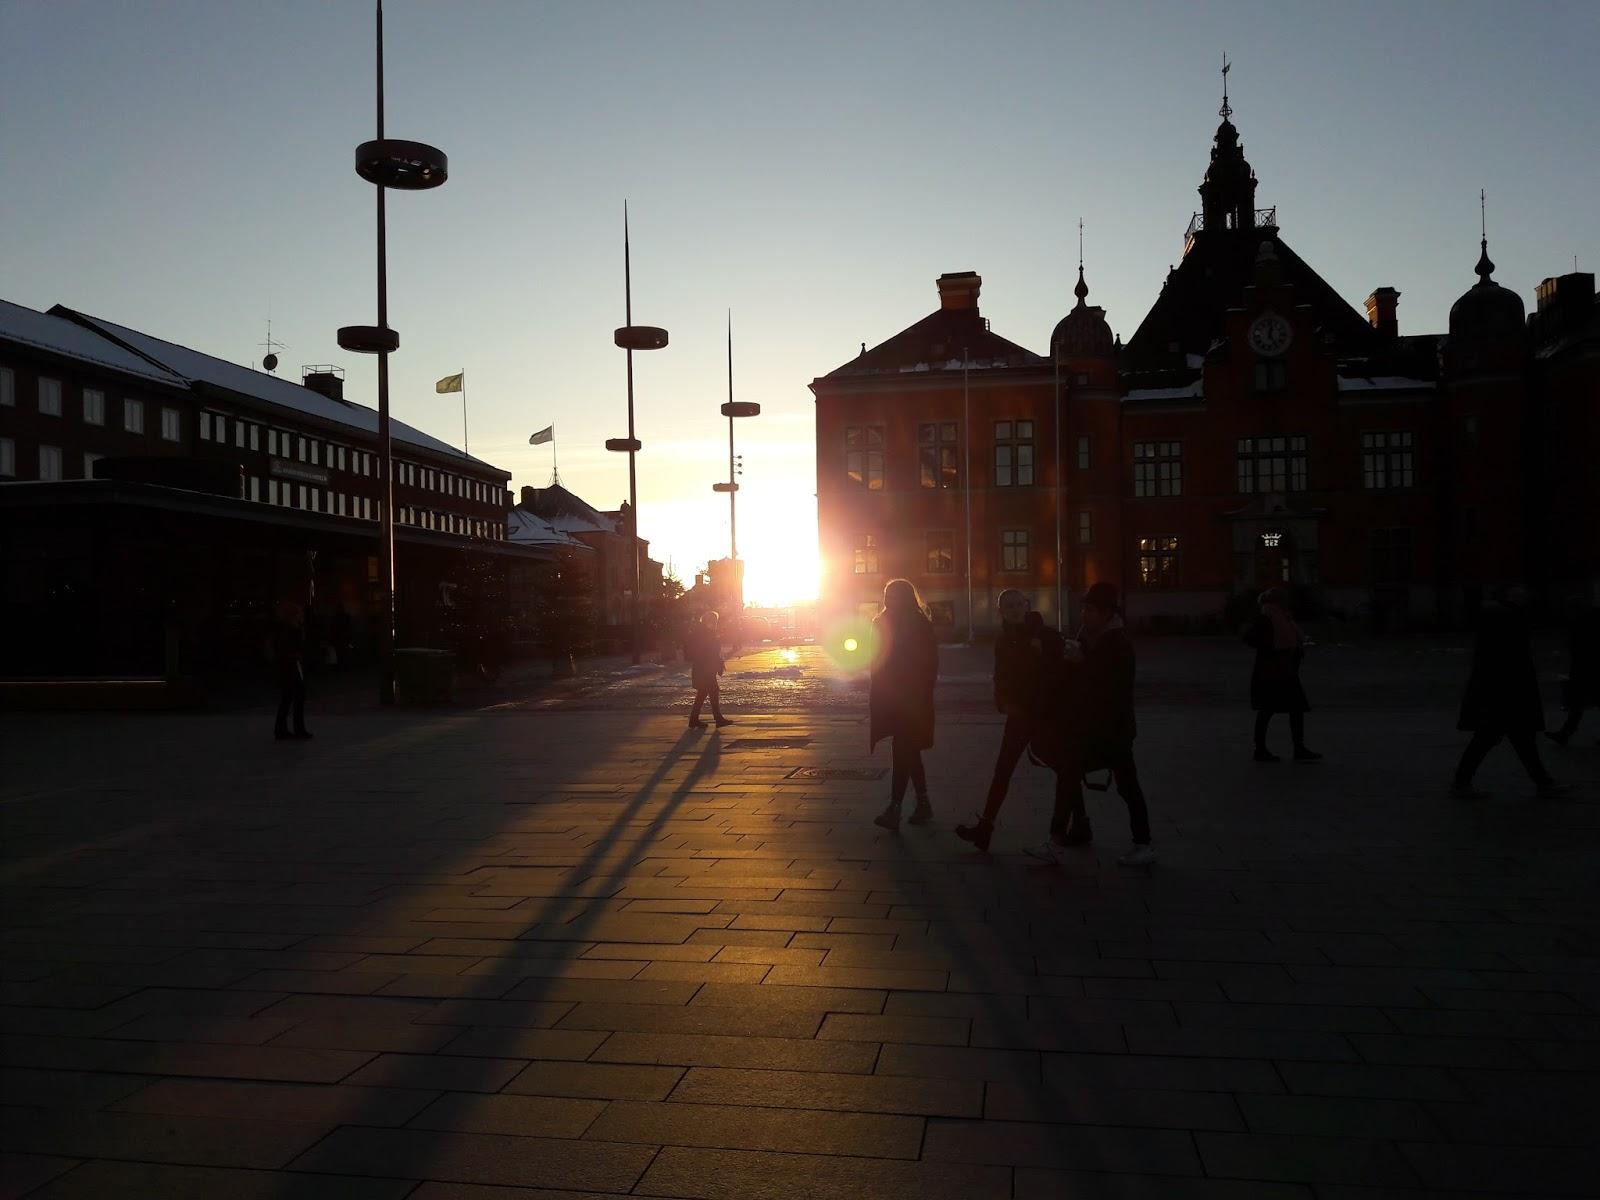 Rådhustorget i Umeå idag klockan 12.41. Så här lågt stod solen. Nu vänder  det! 9b16a6e005402